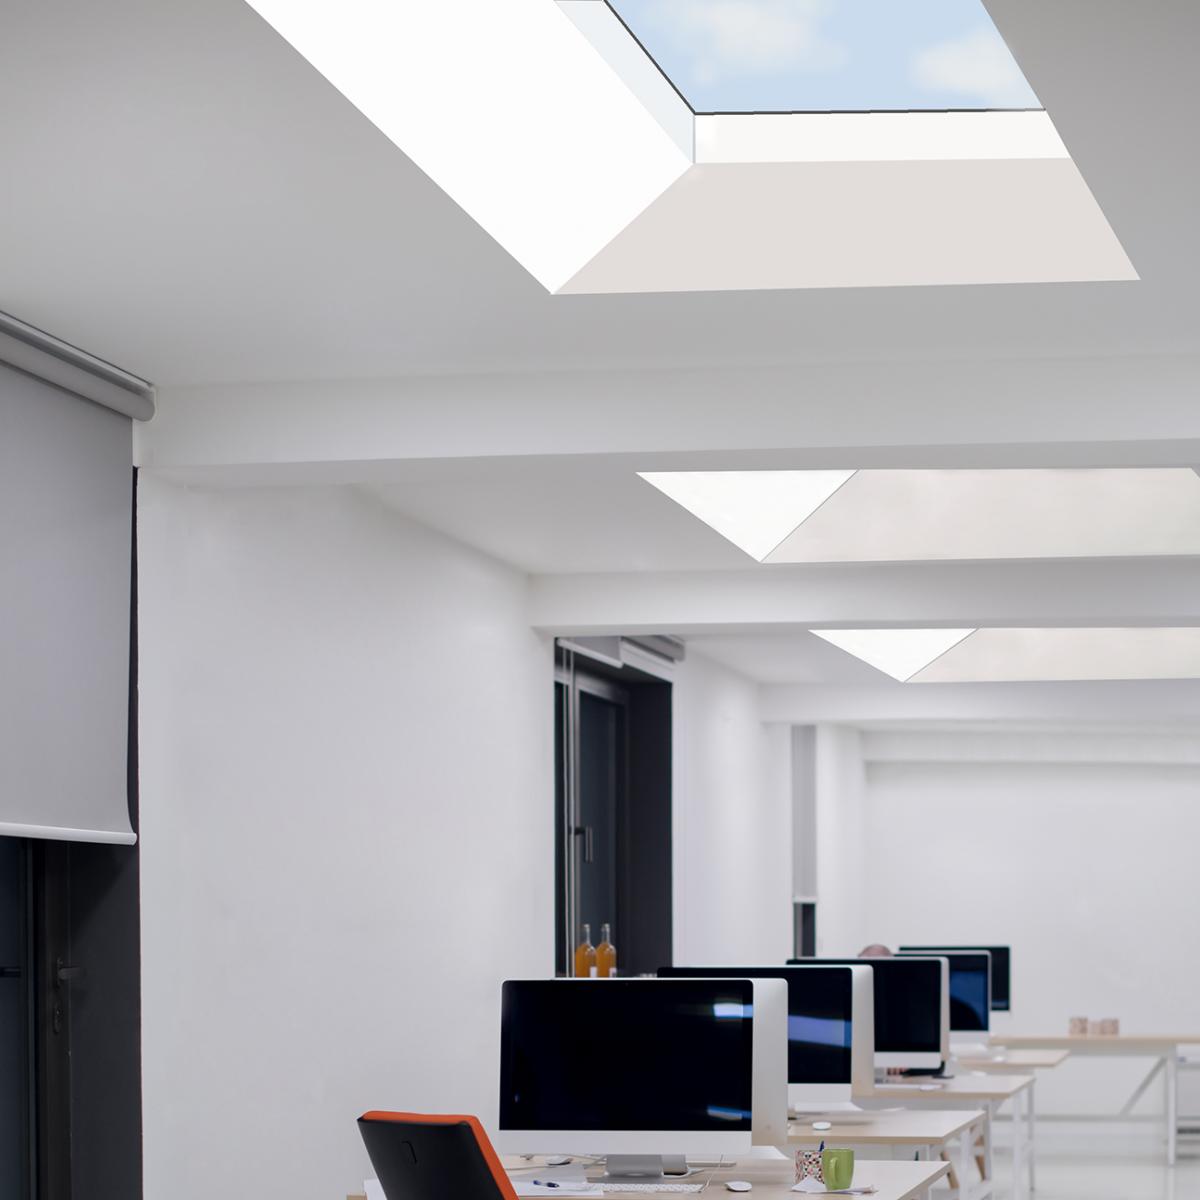 Lichtkuppel Libra | reduziert im Design, hervorragend in der Technik • Bild 1